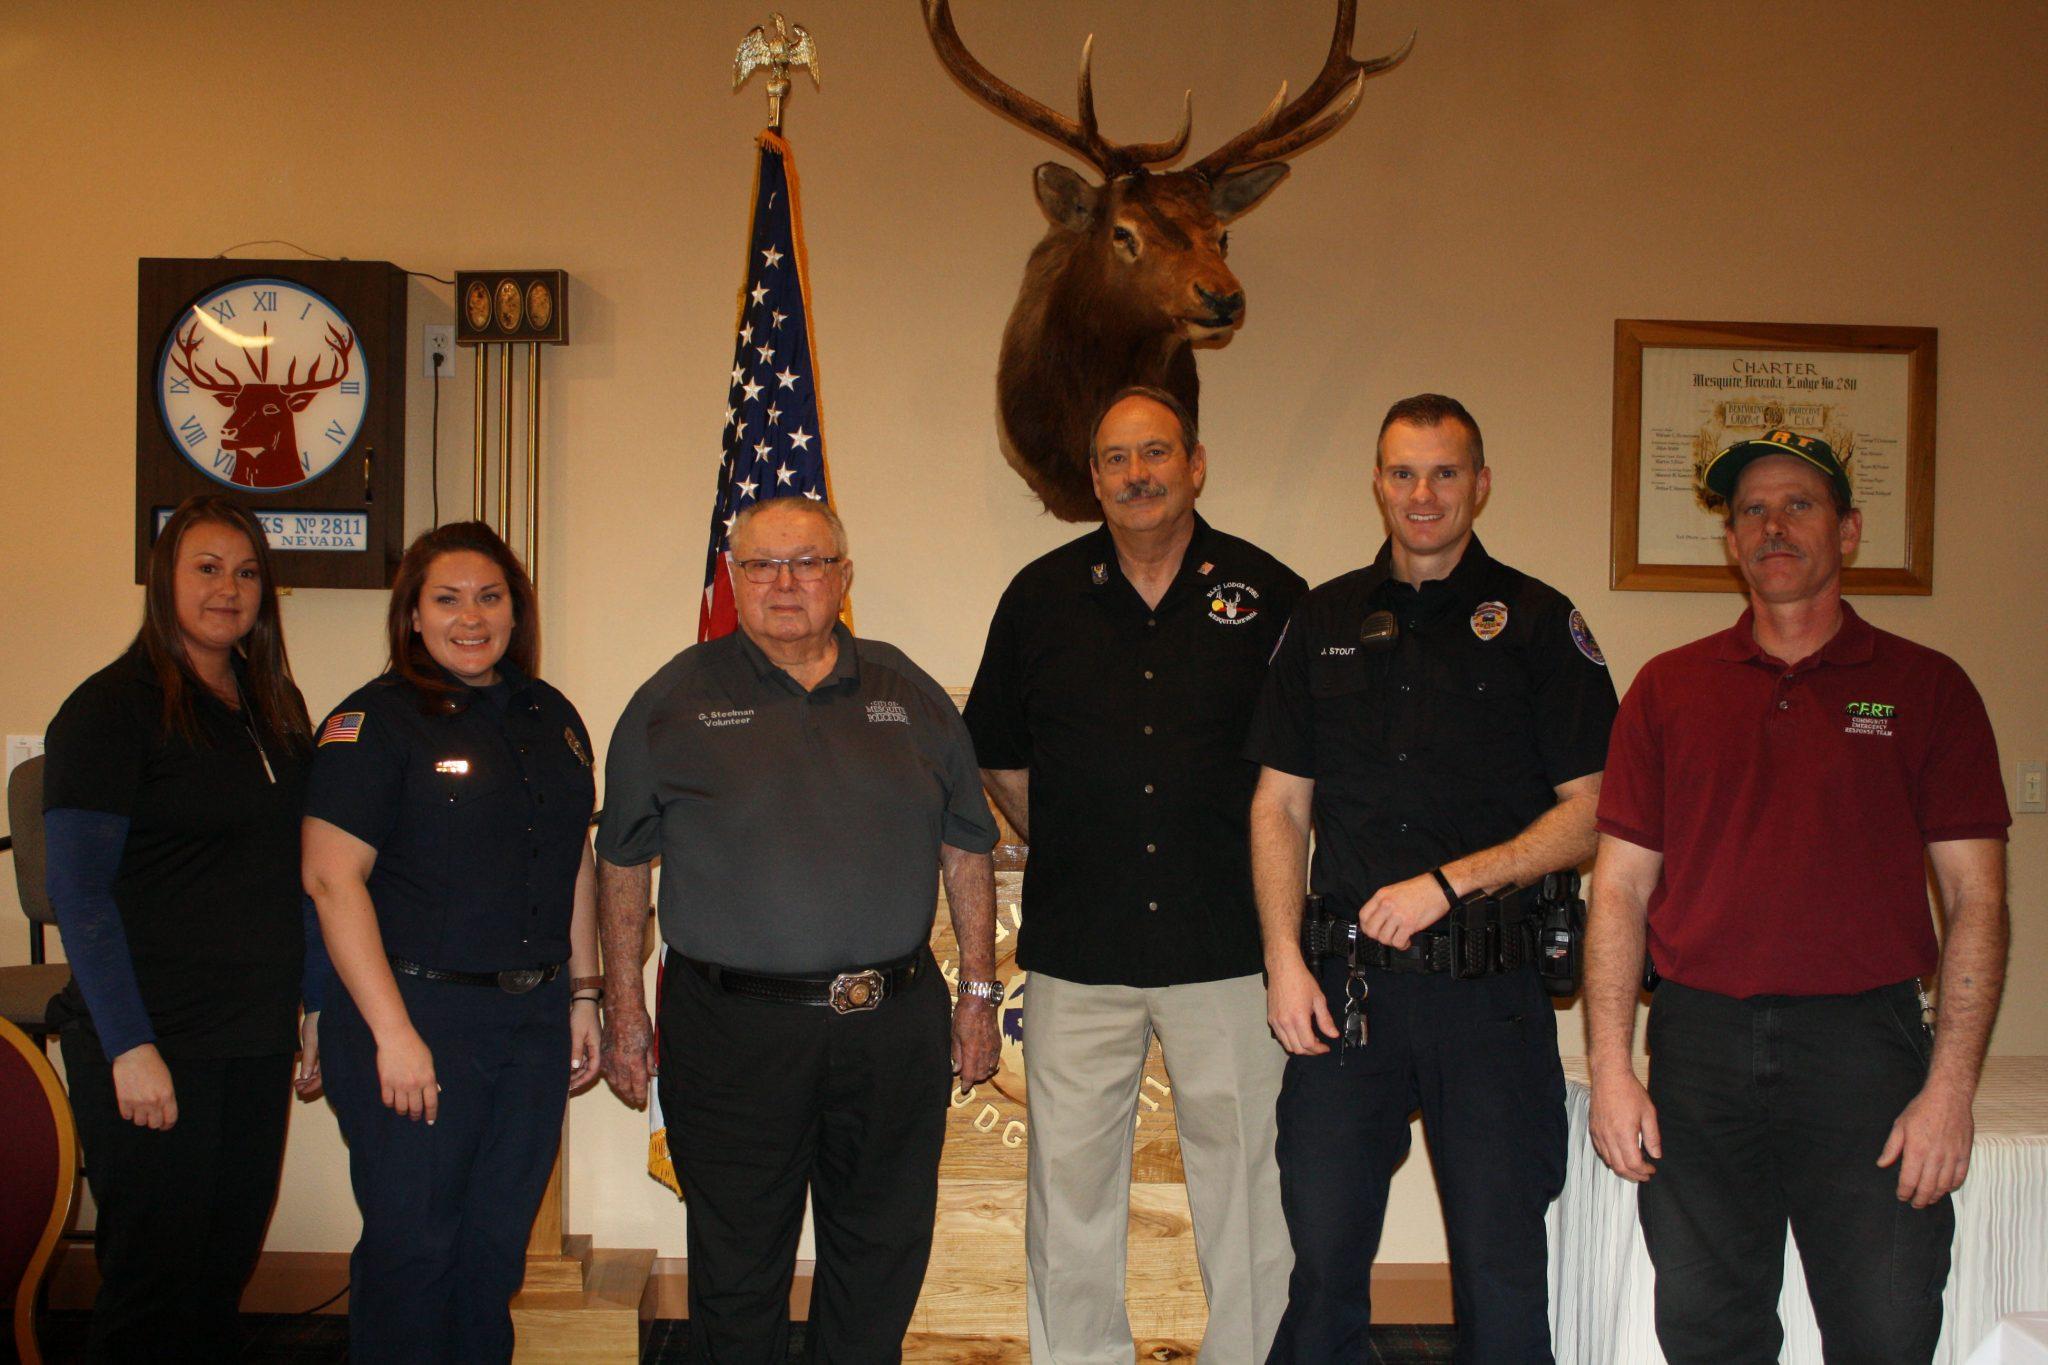 Mesquite Elks Lodge honor 'First Responders'